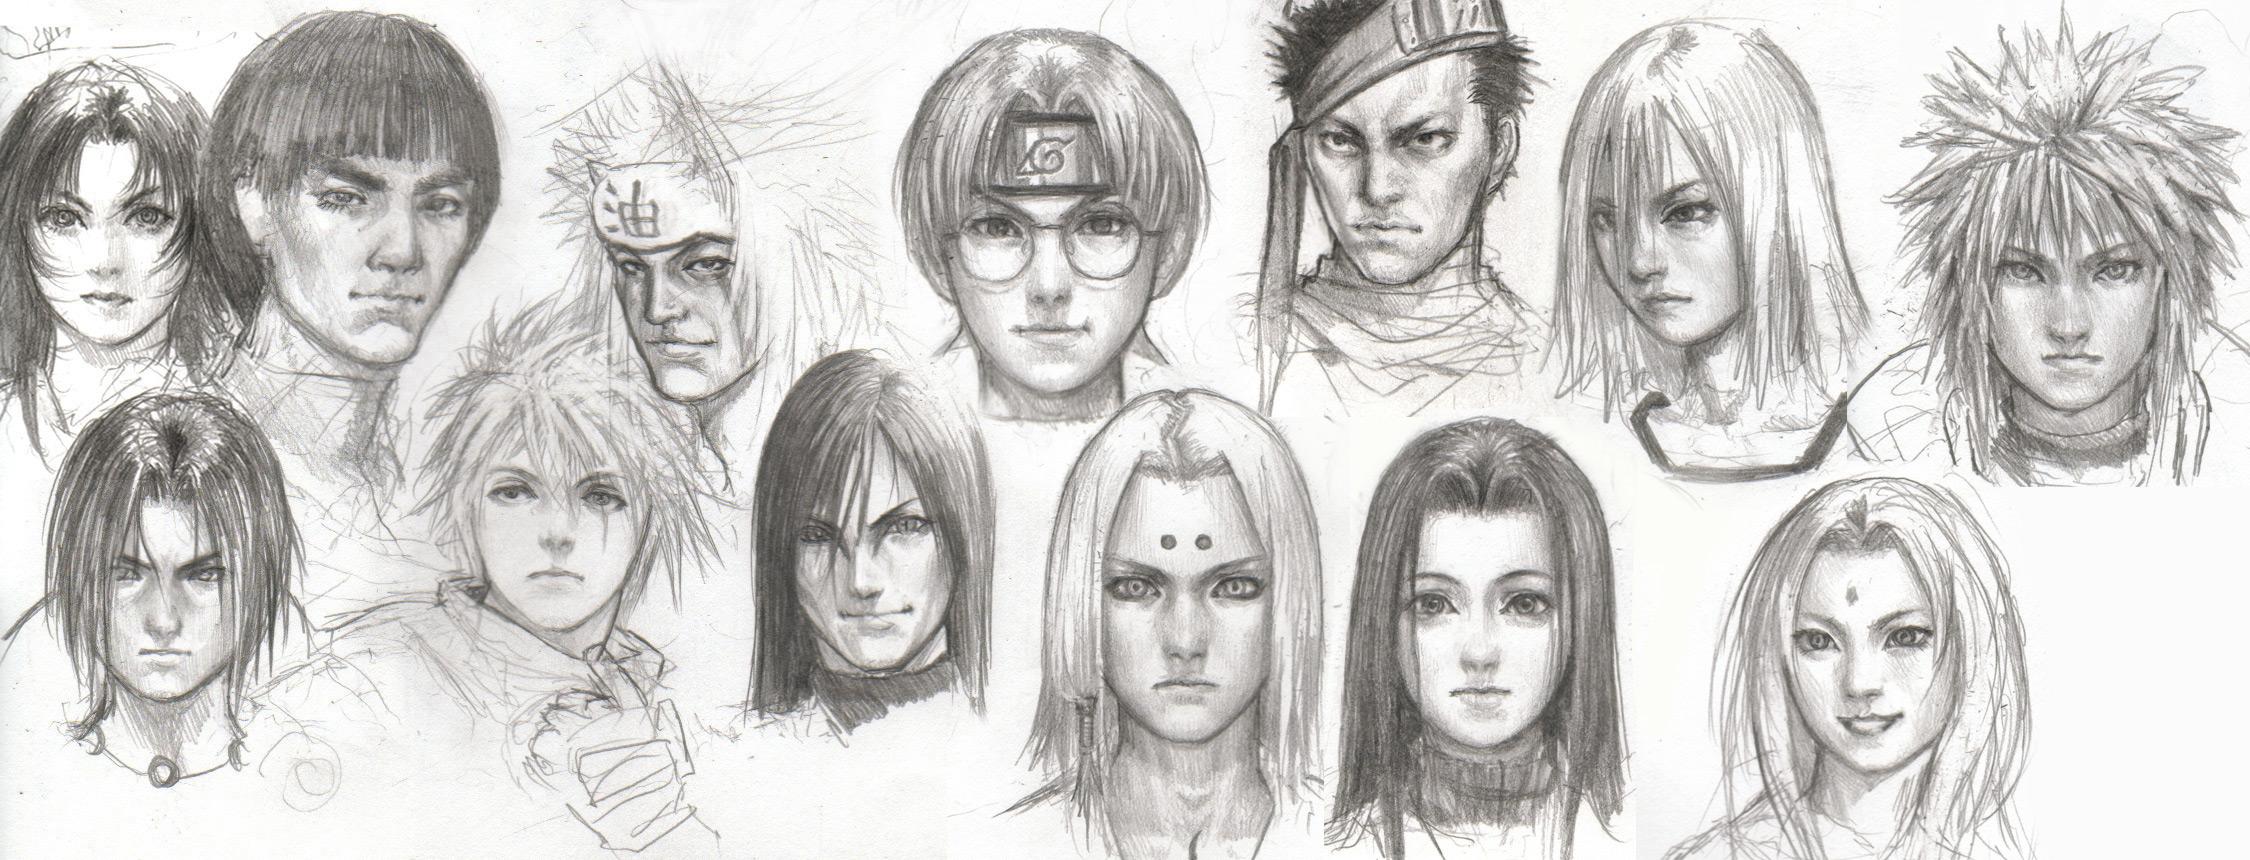 наруто картинки персонажей